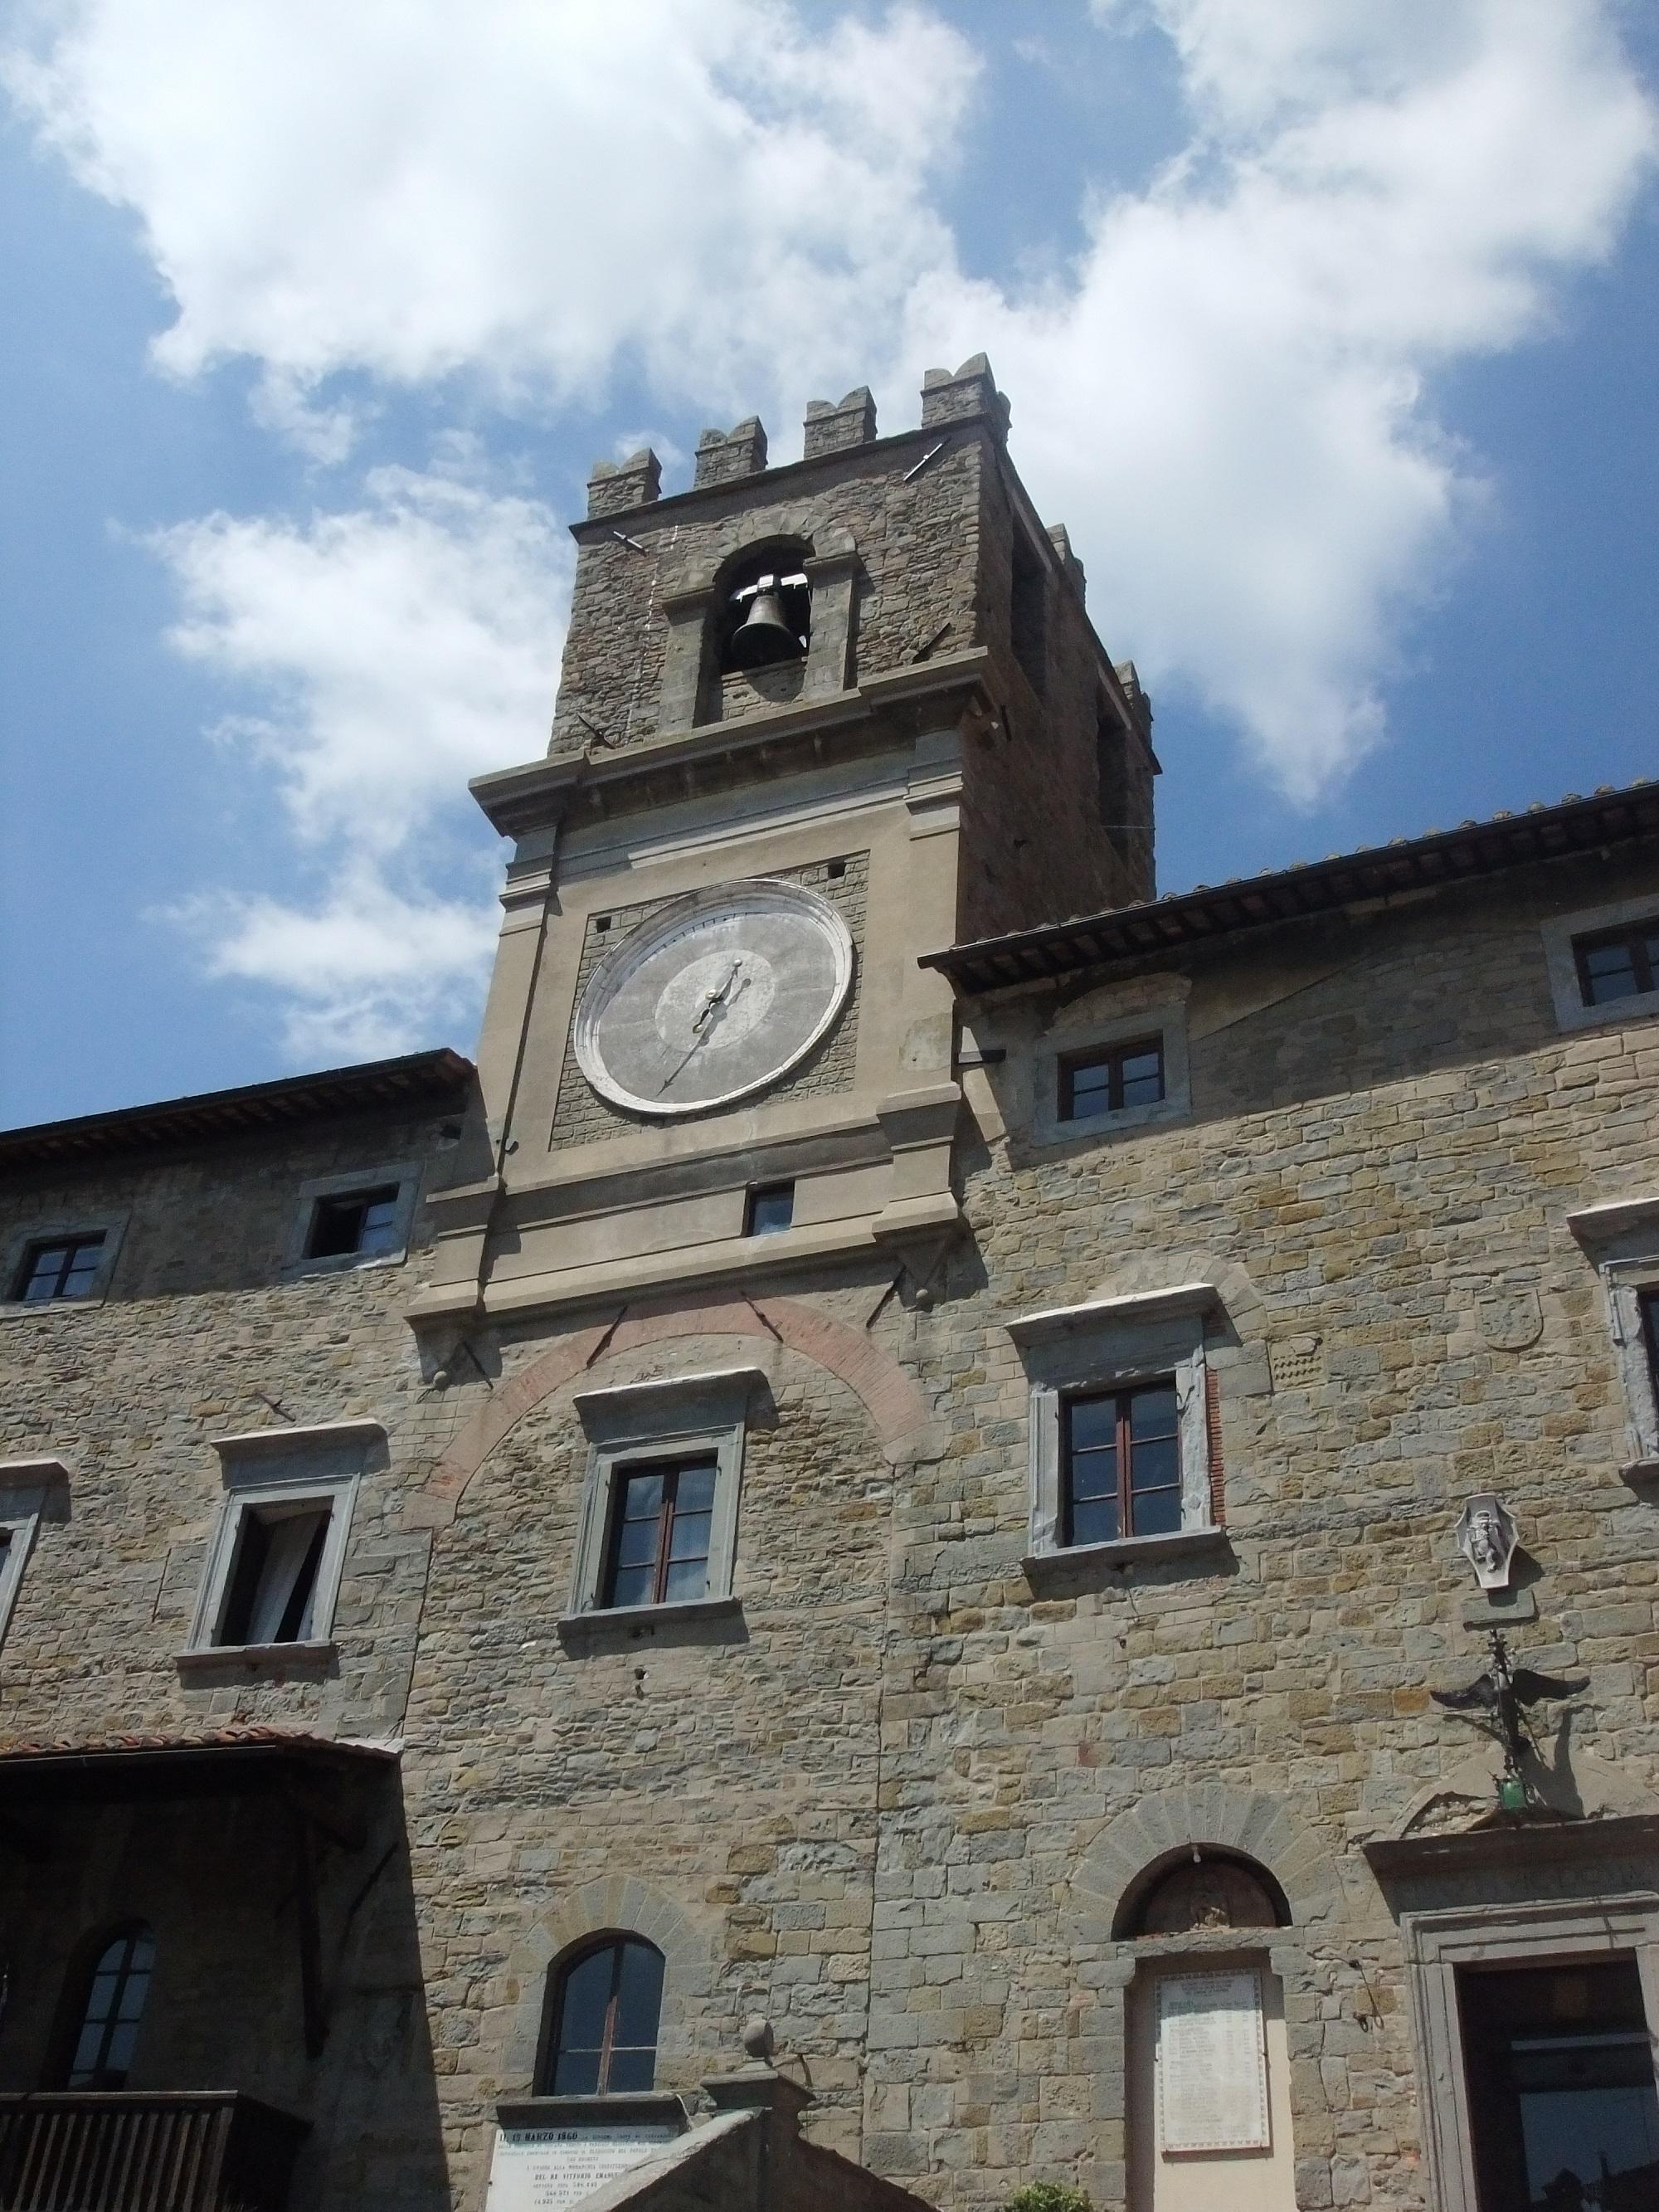 Privato e pubblico in sinergia per la sistemazione dell'orologio del Palazzo Comunale di Cortona